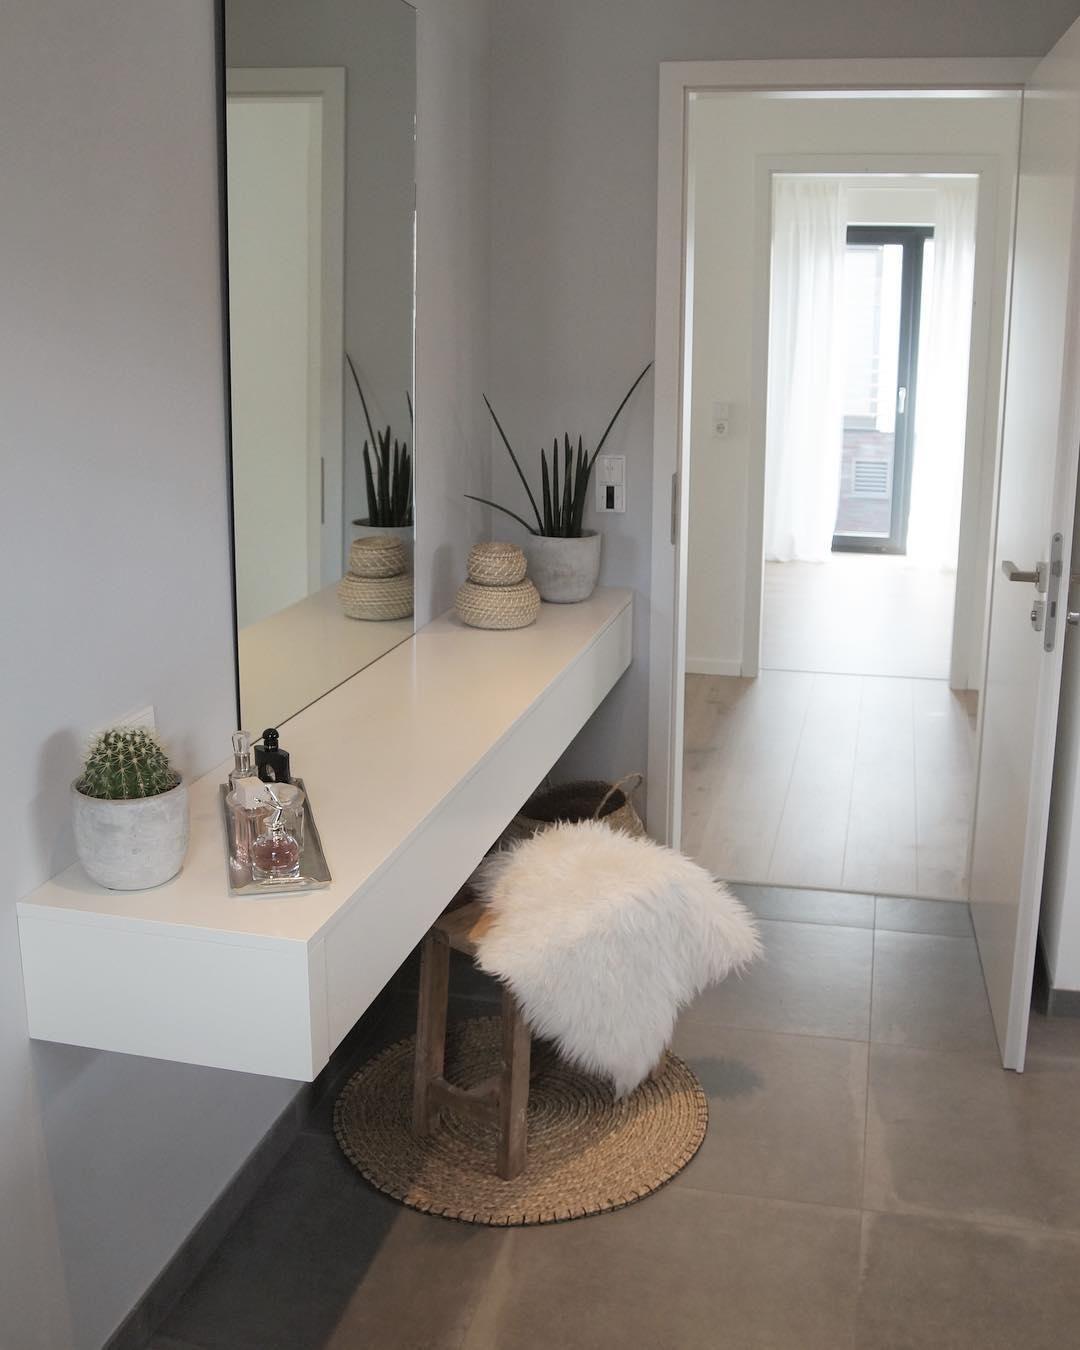 Der Trend Geht Zur Gemütlichkeit   Auch Im Badezimmer! Ein Kuscheliges Fell  Verleiht Jedem Raum